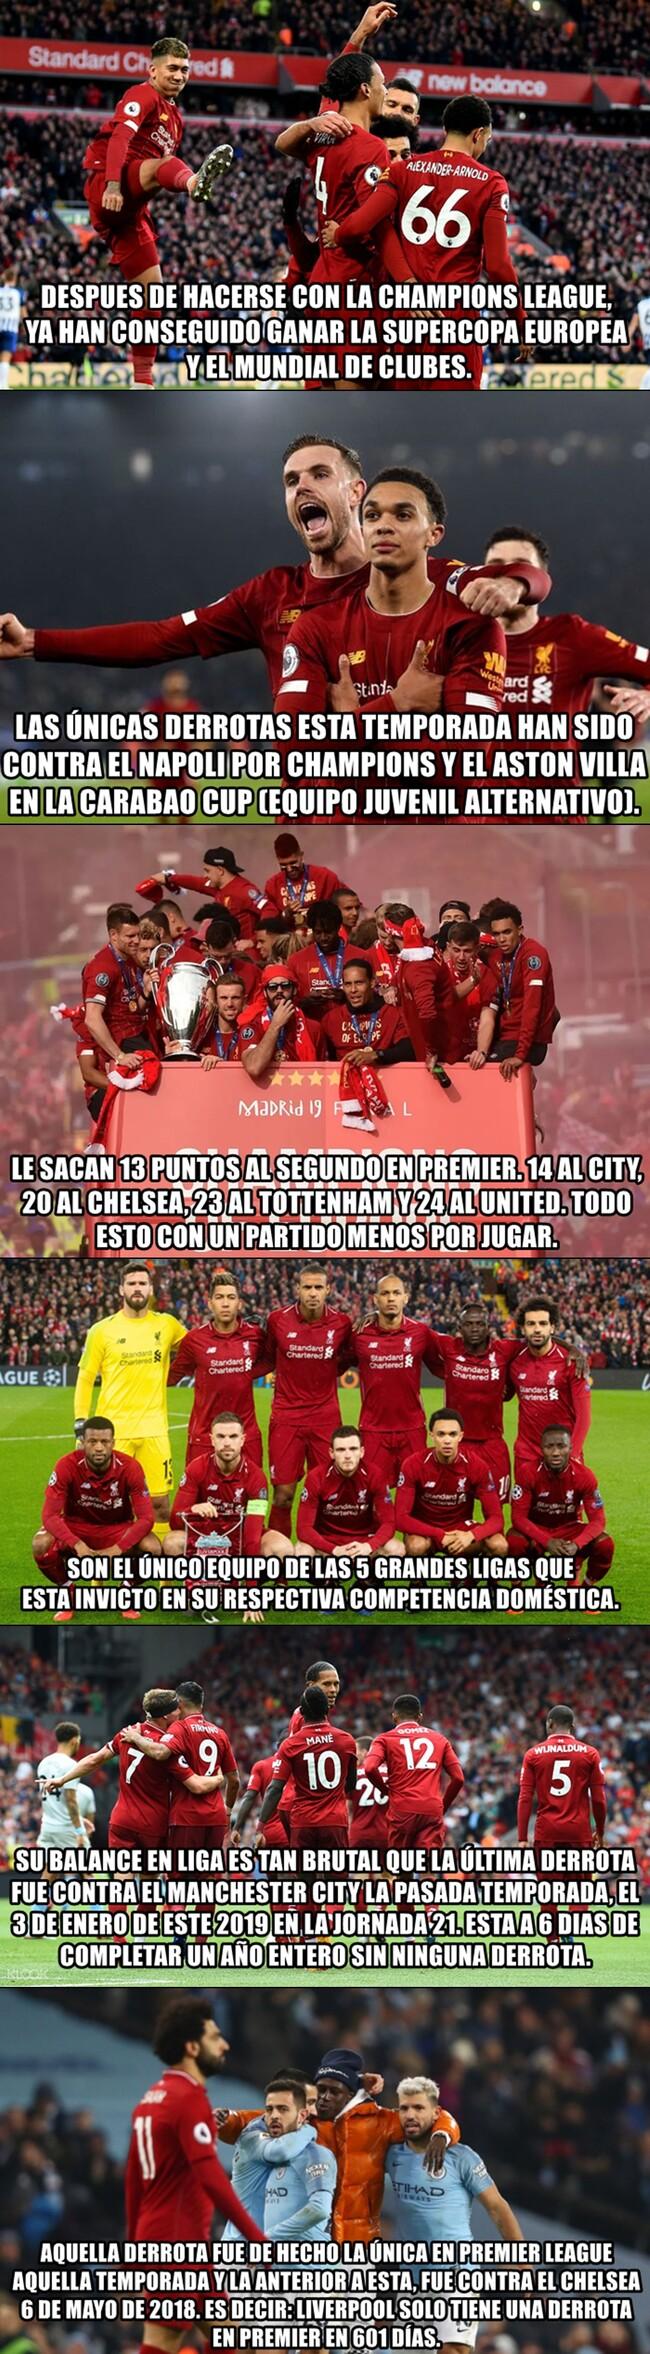 1094552 - La temporada del Liverpool, el mejor equipo del mundo